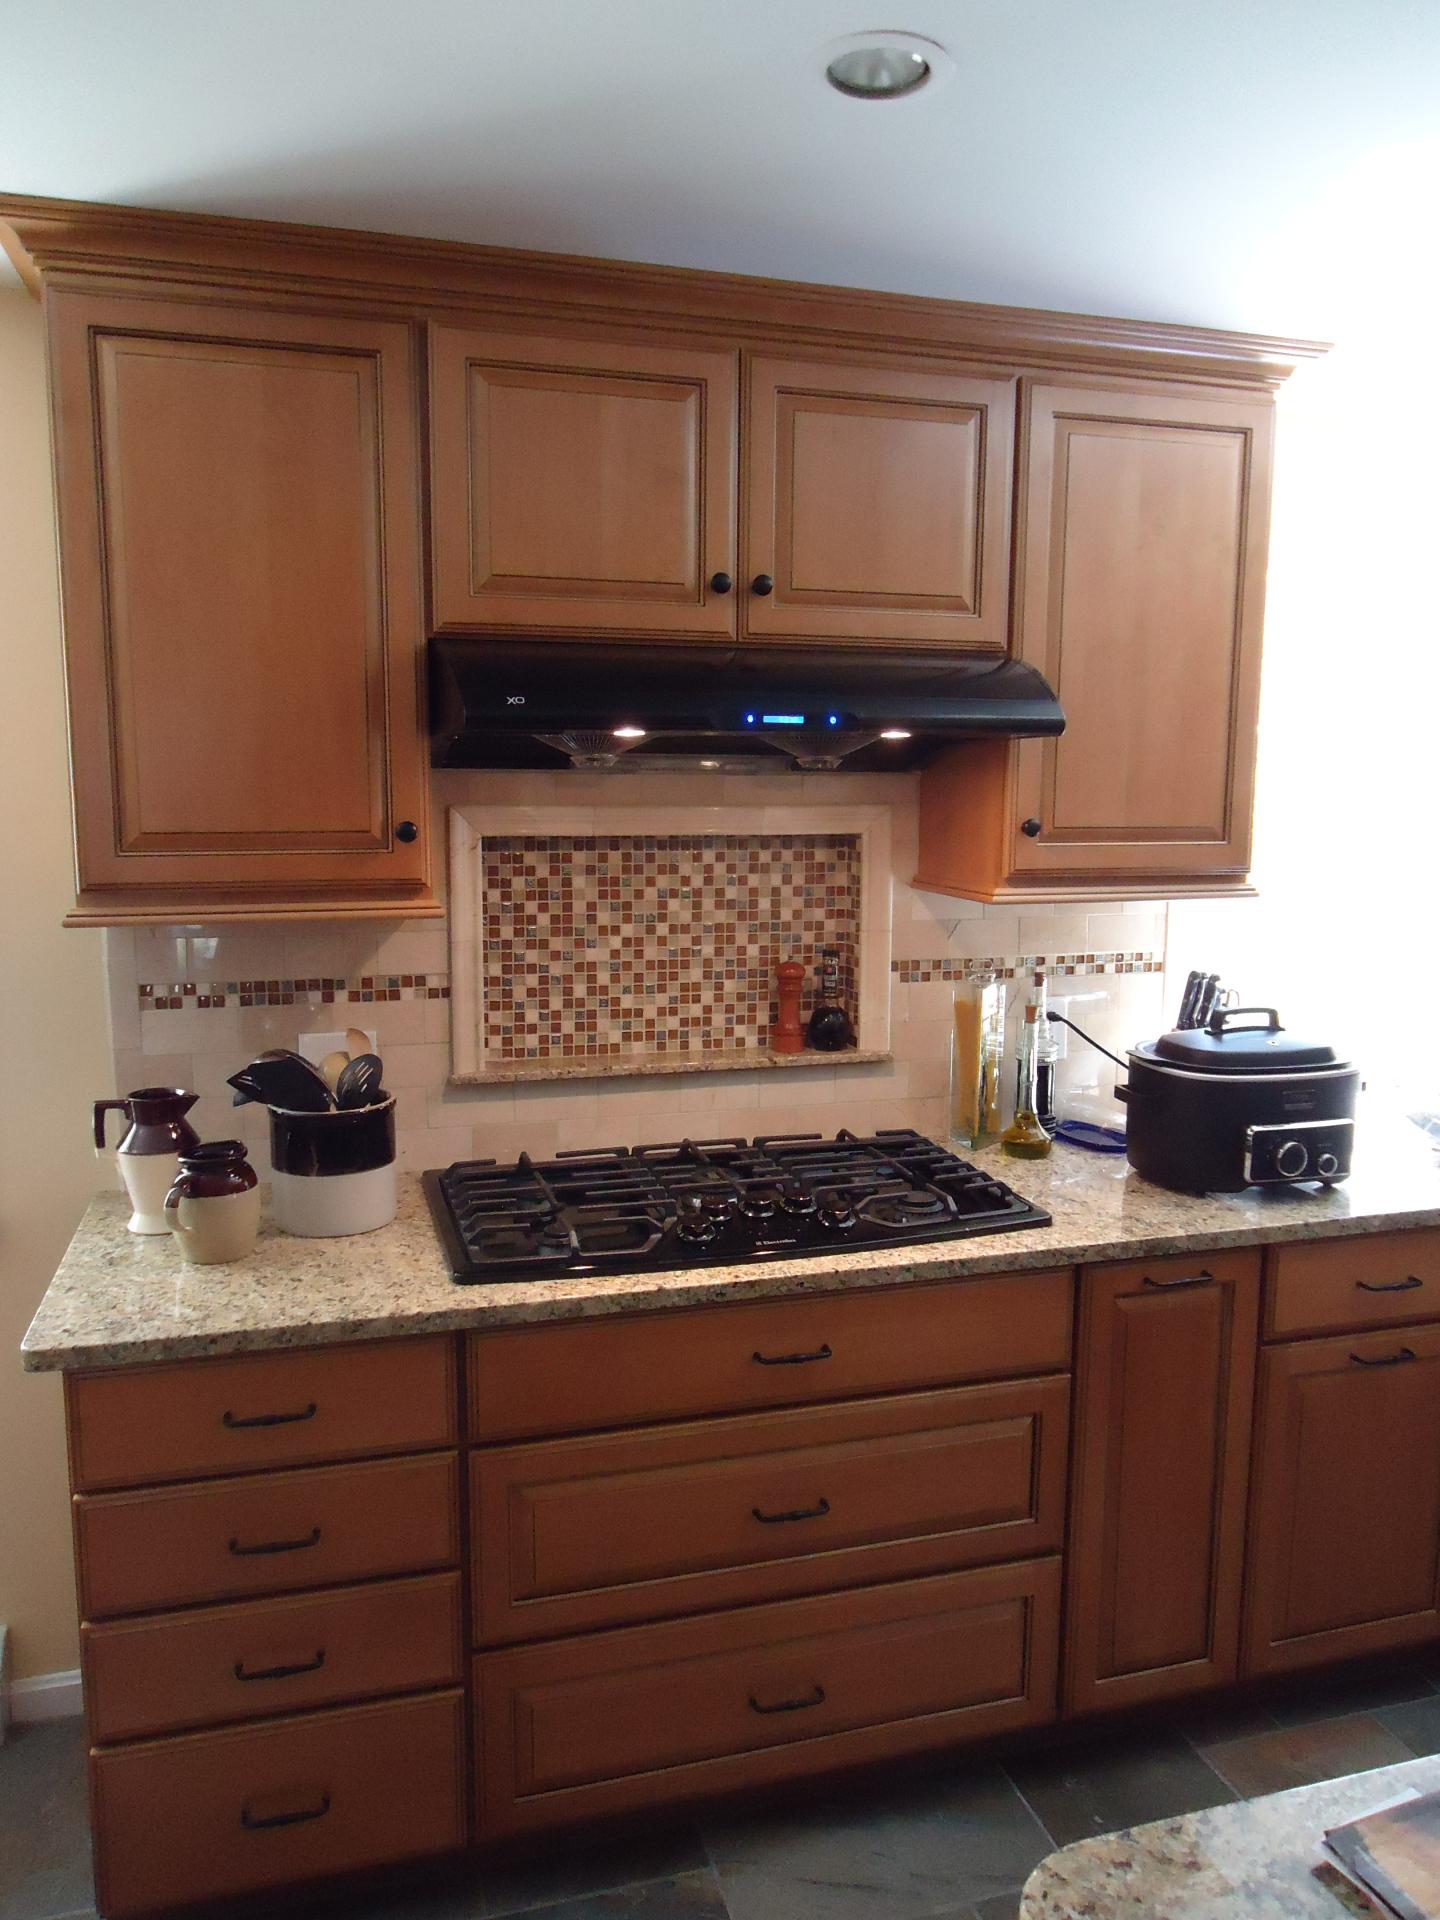 Honey Maple w/Glaze Kitchen